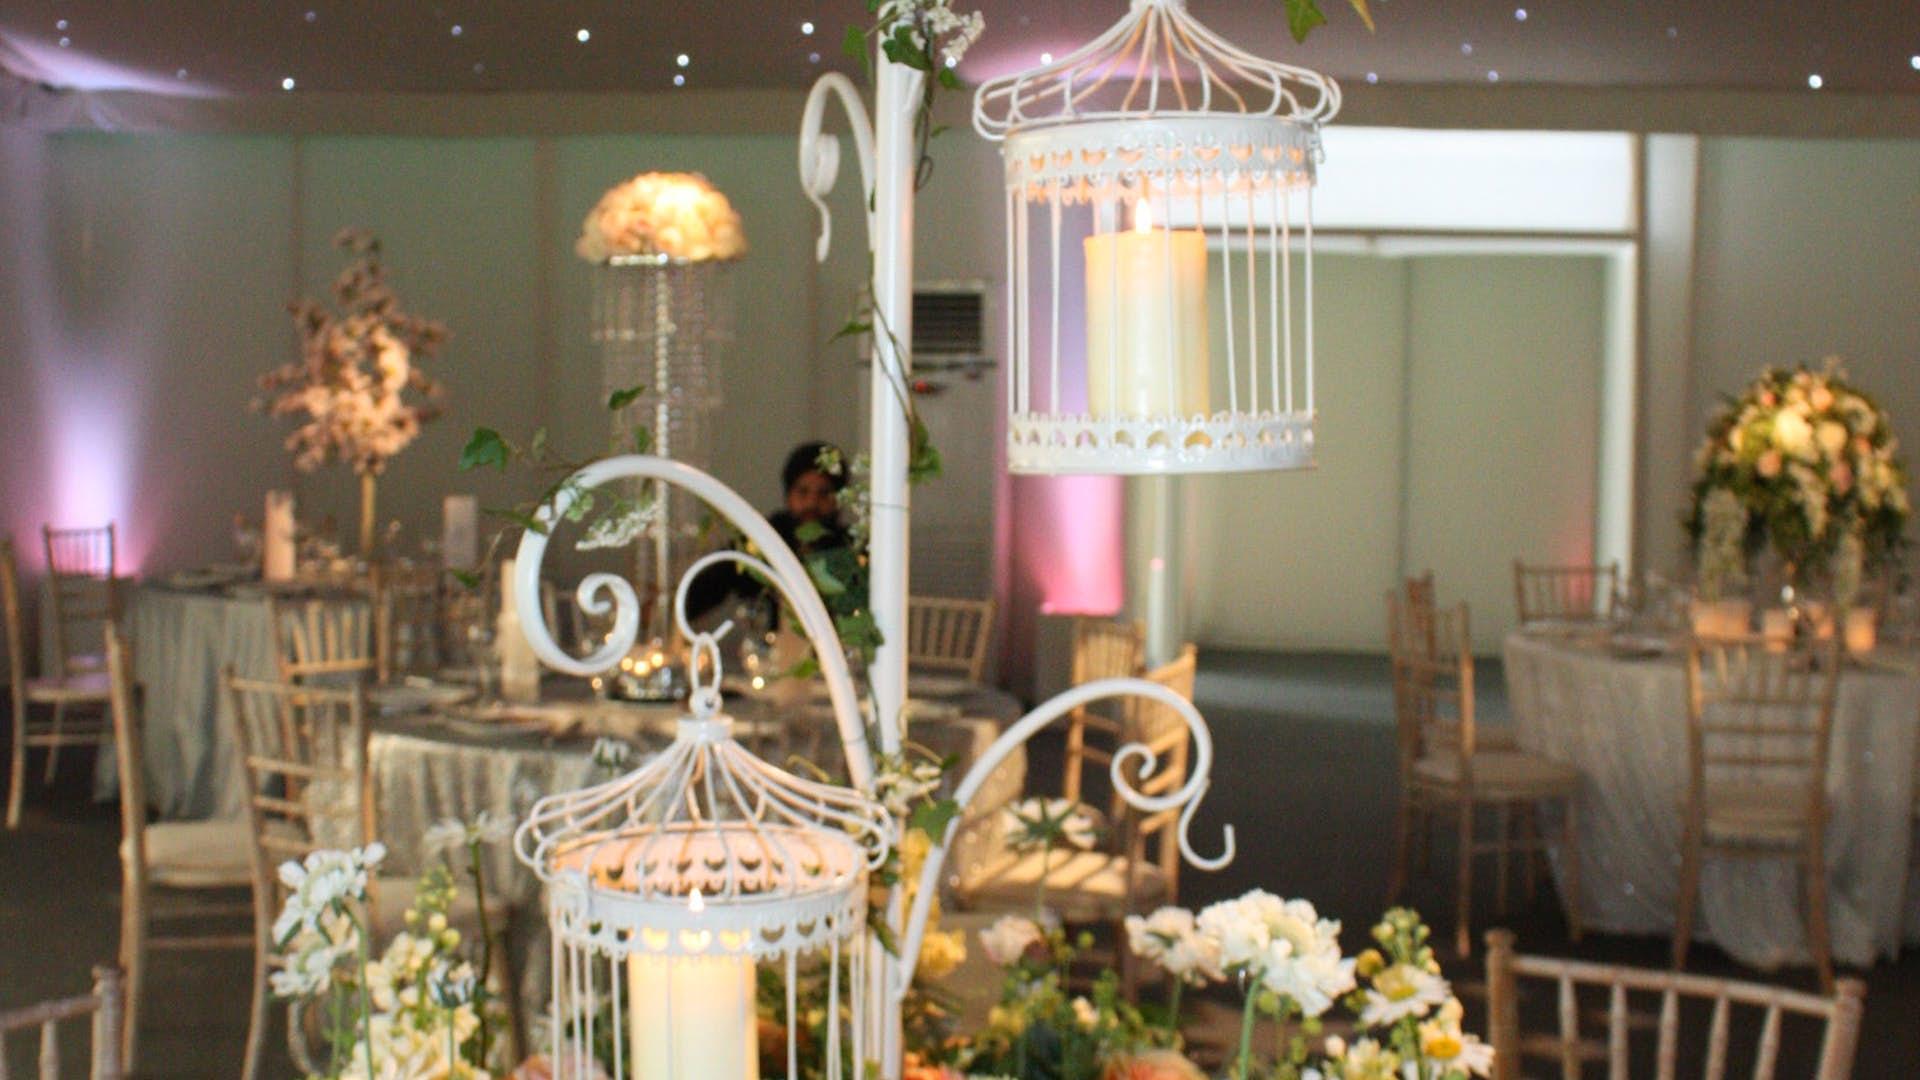 The Garden Room at Syon Park | Weddings | Syon Park